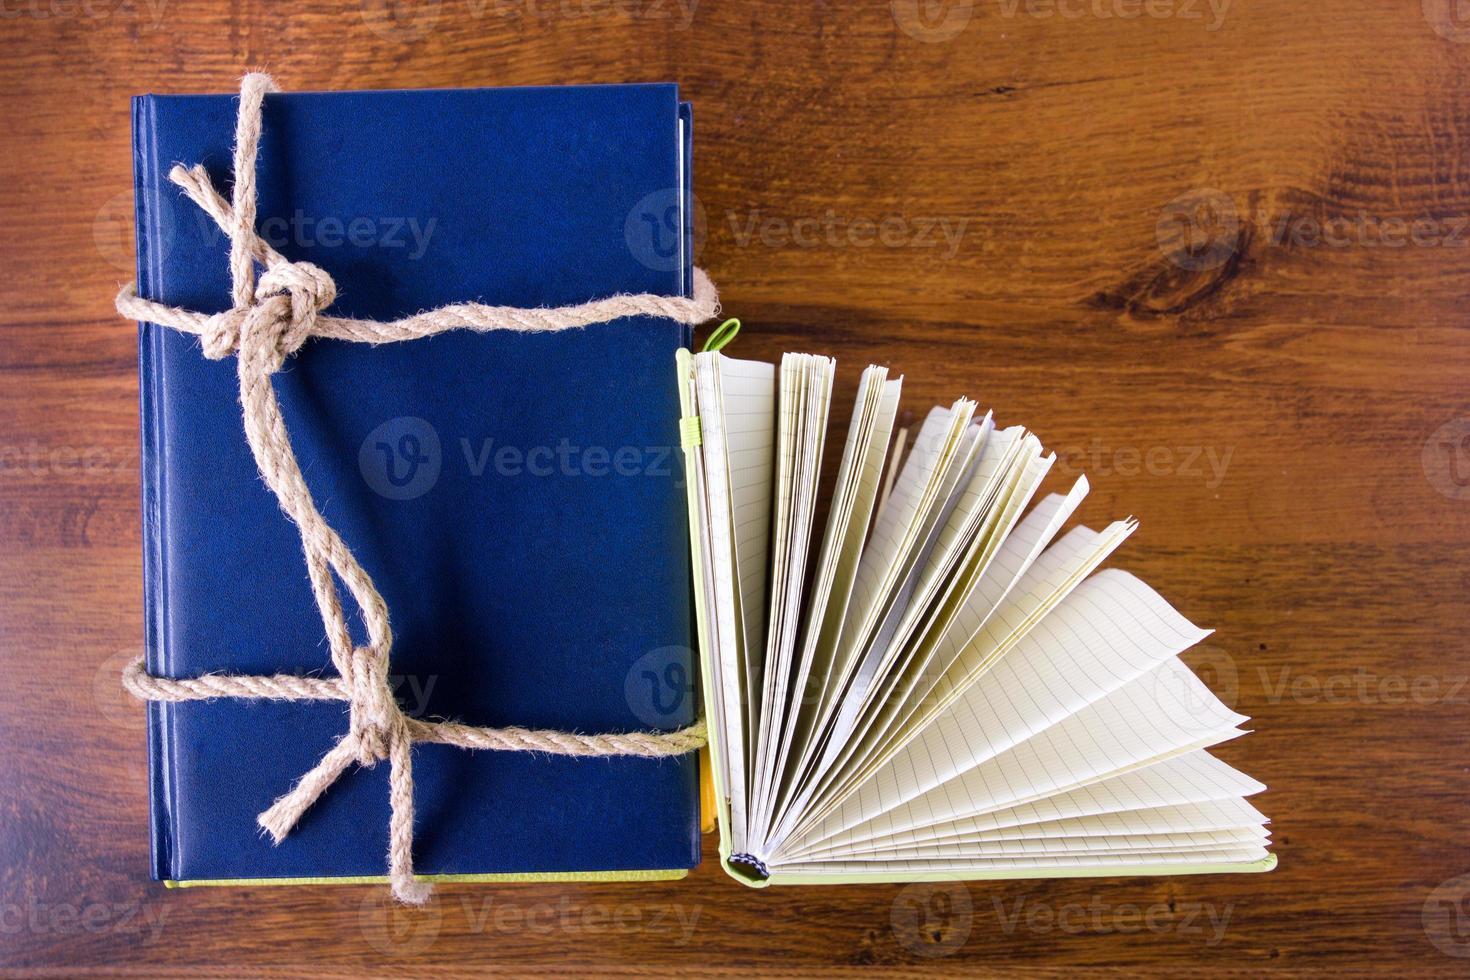 compositie met vintage oude hardback boeken gebonden met een touw foto